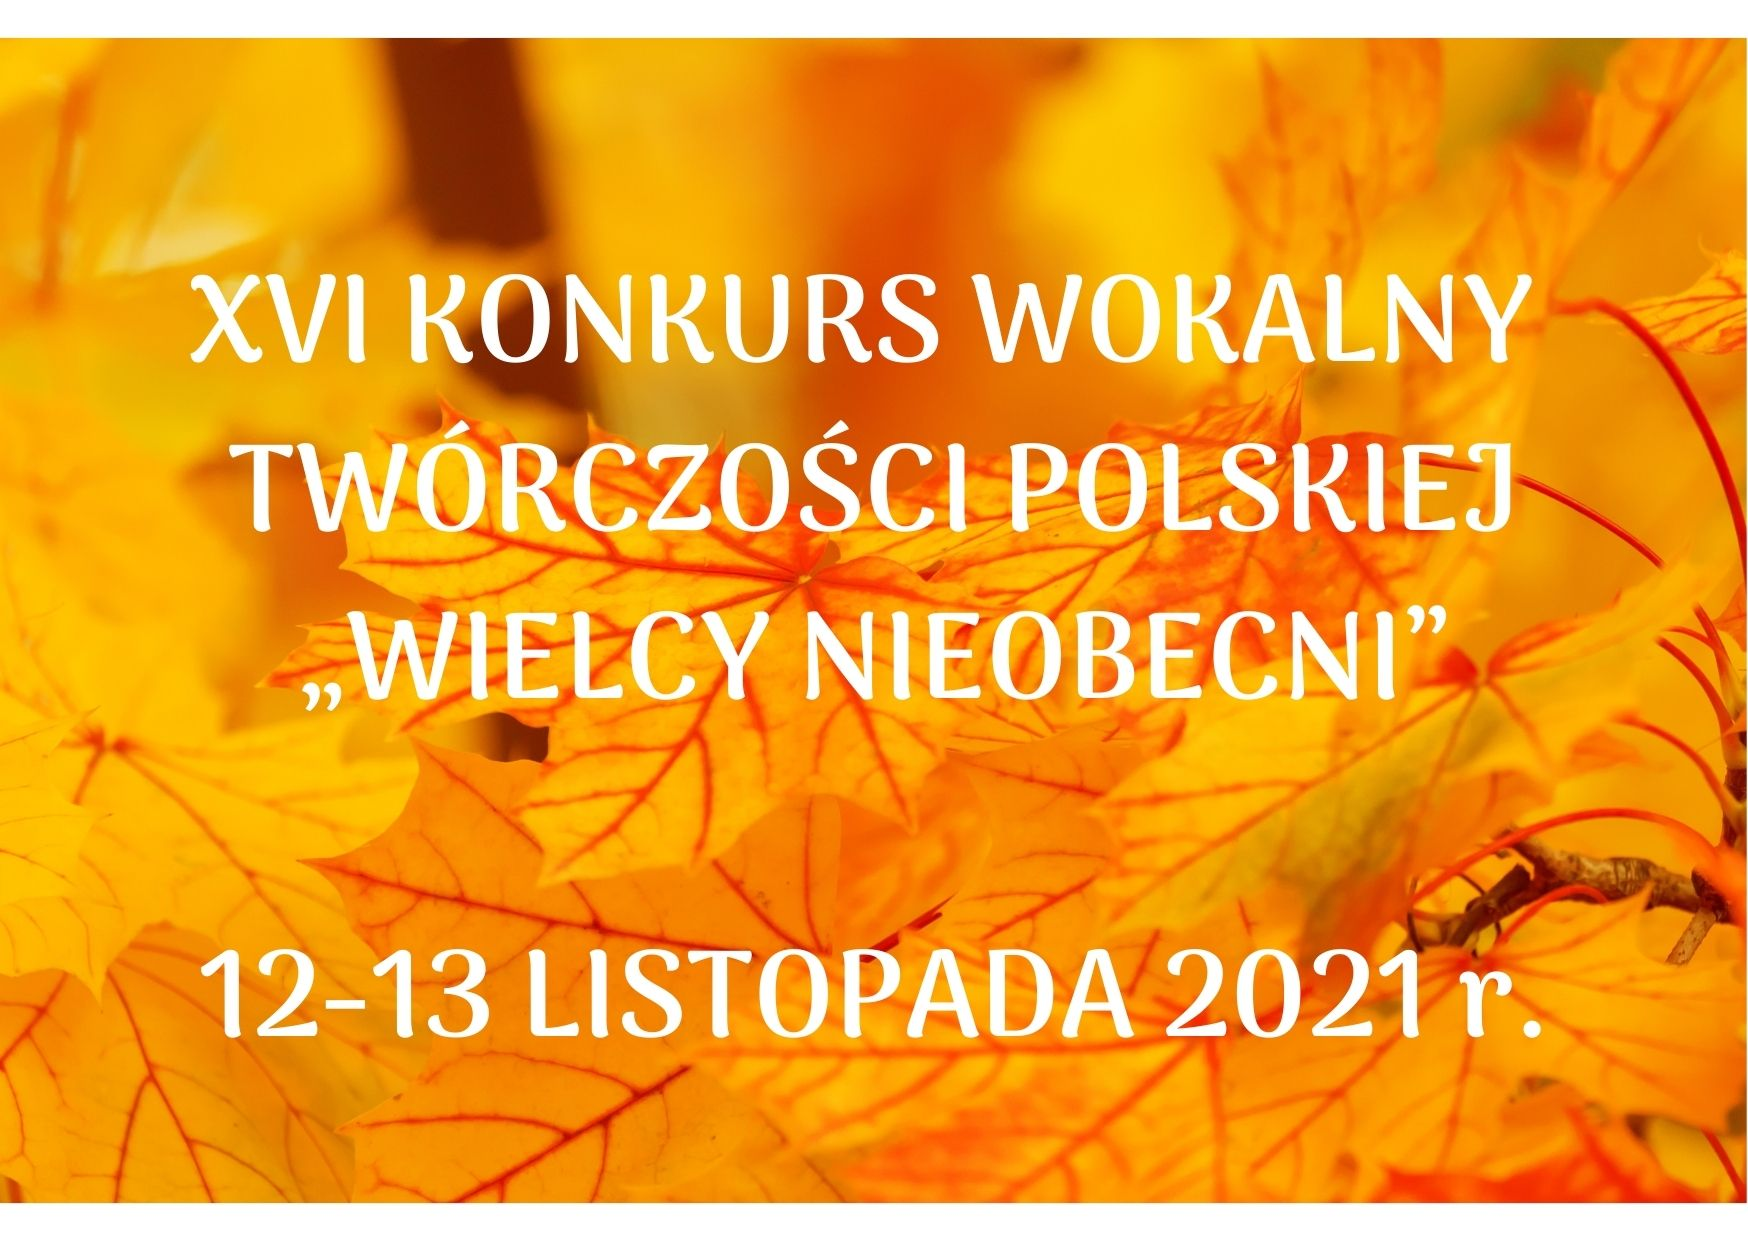 """XVI KONKURS WOKALNY TWÓRCZOŚCI POLSKIEJ """"WIELCY NIEOBECNI"""" 12-13 LISTOPADA 2021 r."""